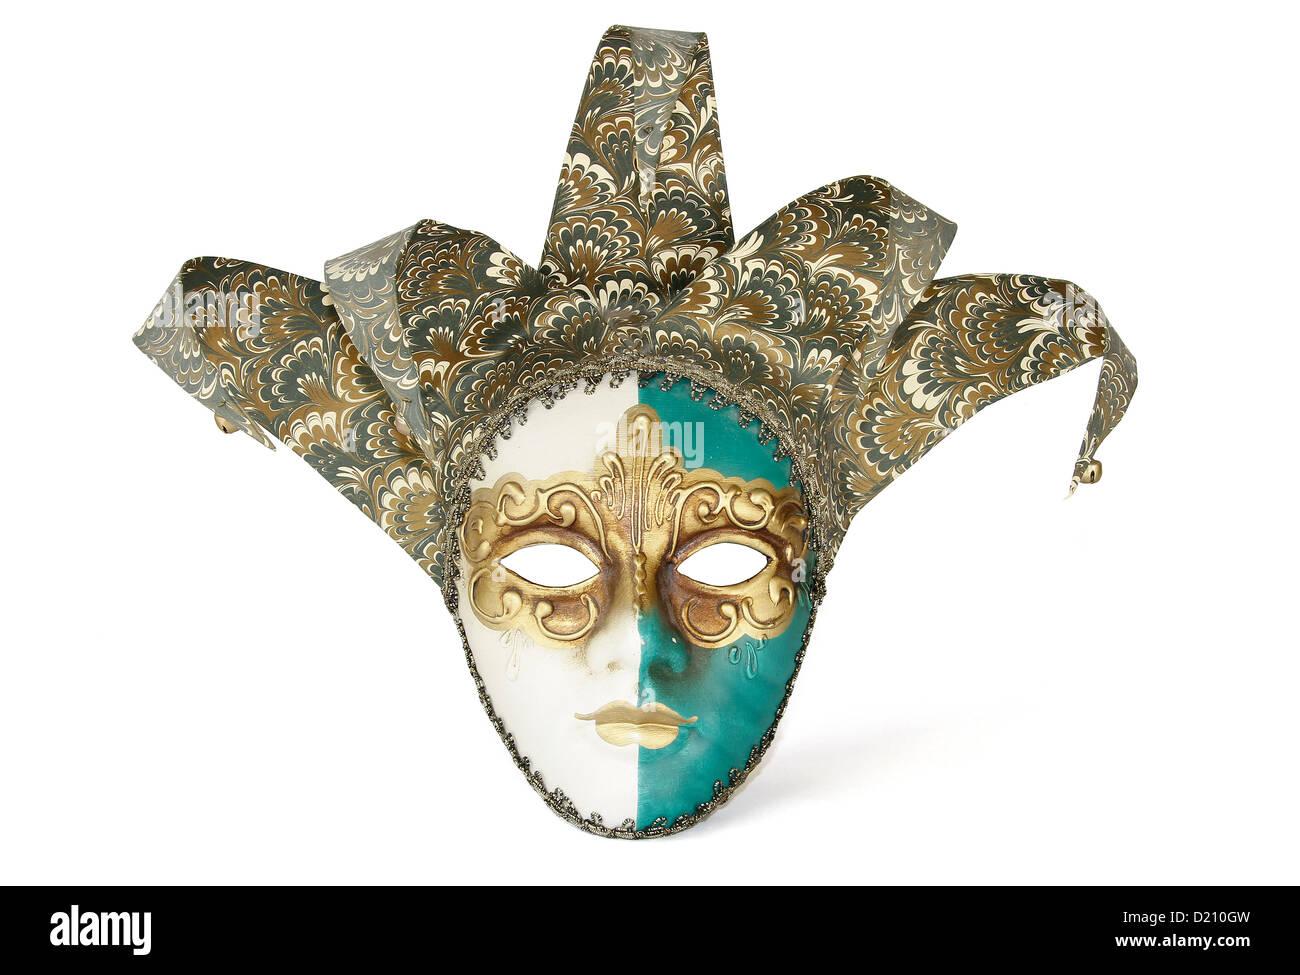 Elegante maschera Veneziana Carnevale isolati su sfondo bianco. Tracciato di ritaglio Immagini Stock